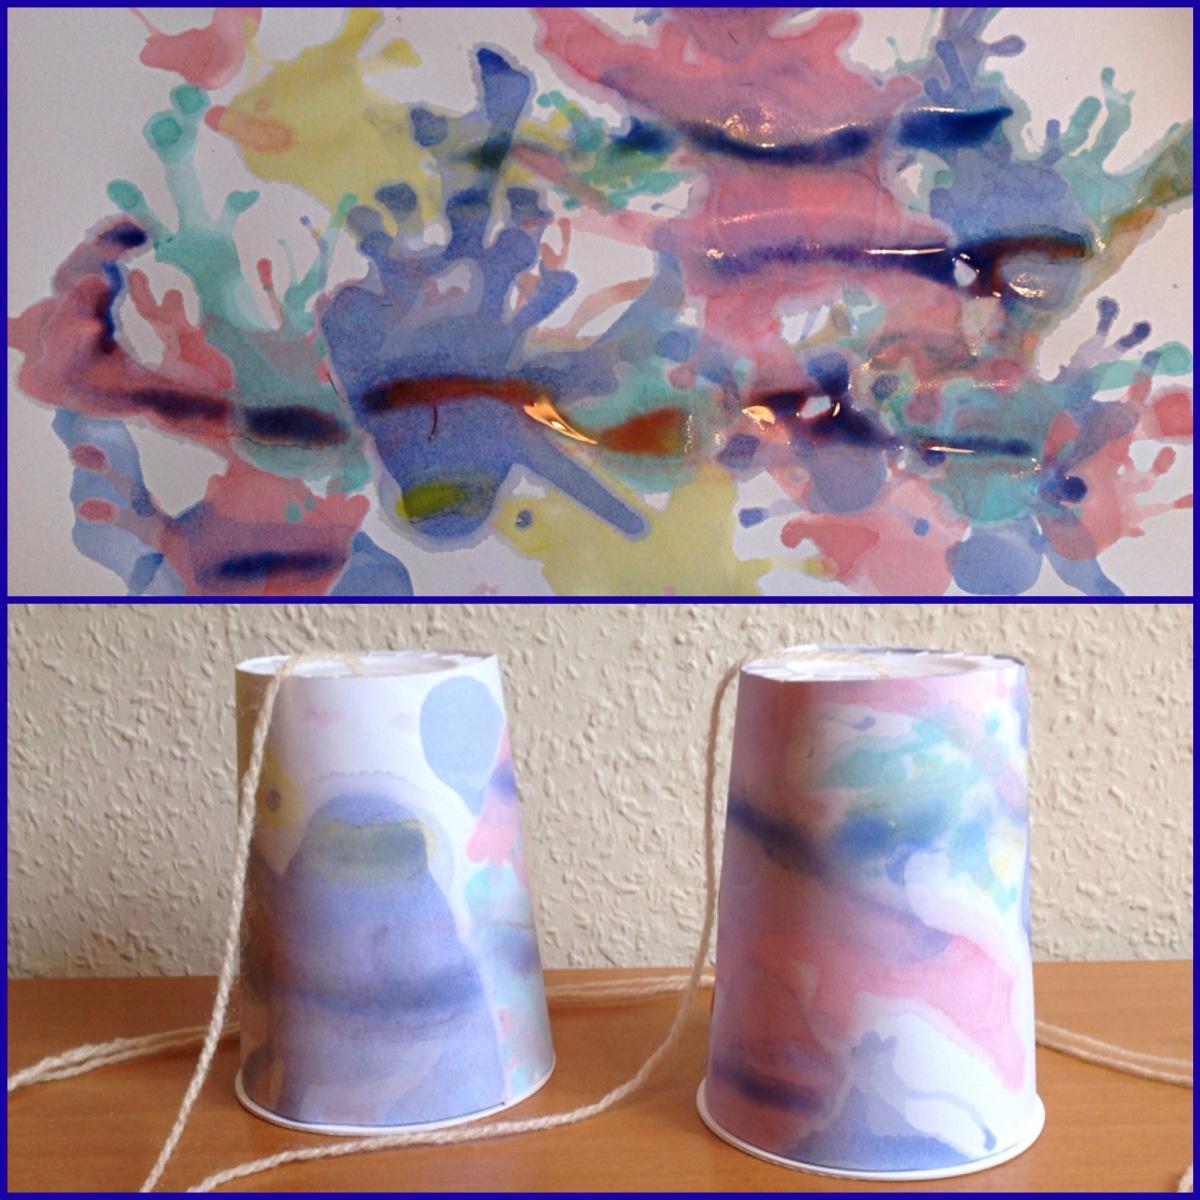 Das ist ja zum Pusten: Papier gestalten mit Wasserfarbe und Strohhalm - oder - Bechertelefon, bunt umklebt